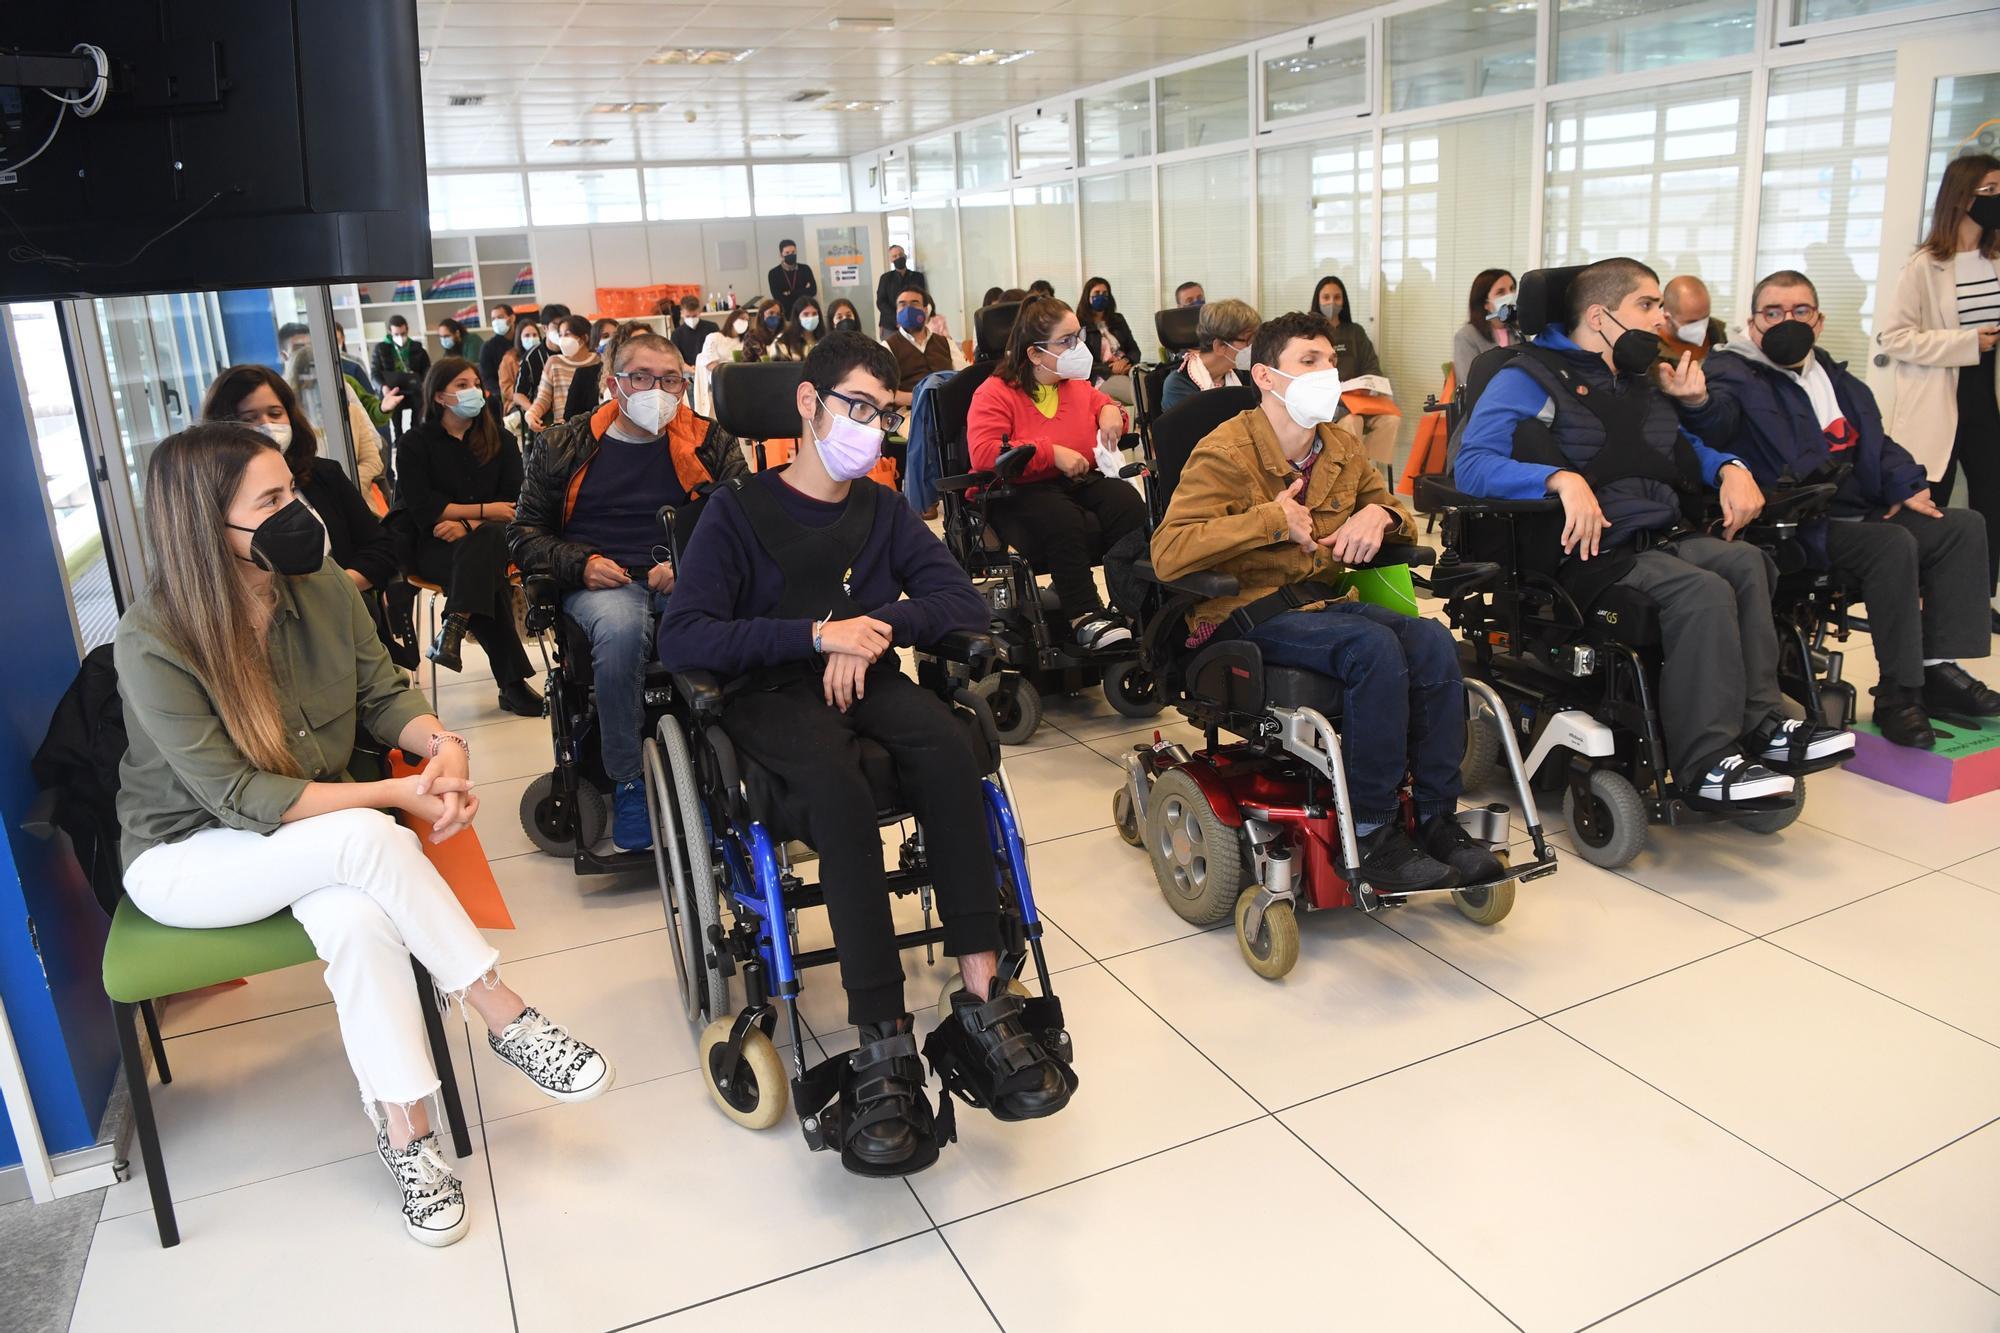 Cierre del proyecto 'Talentos inclusivos' en el CITIC